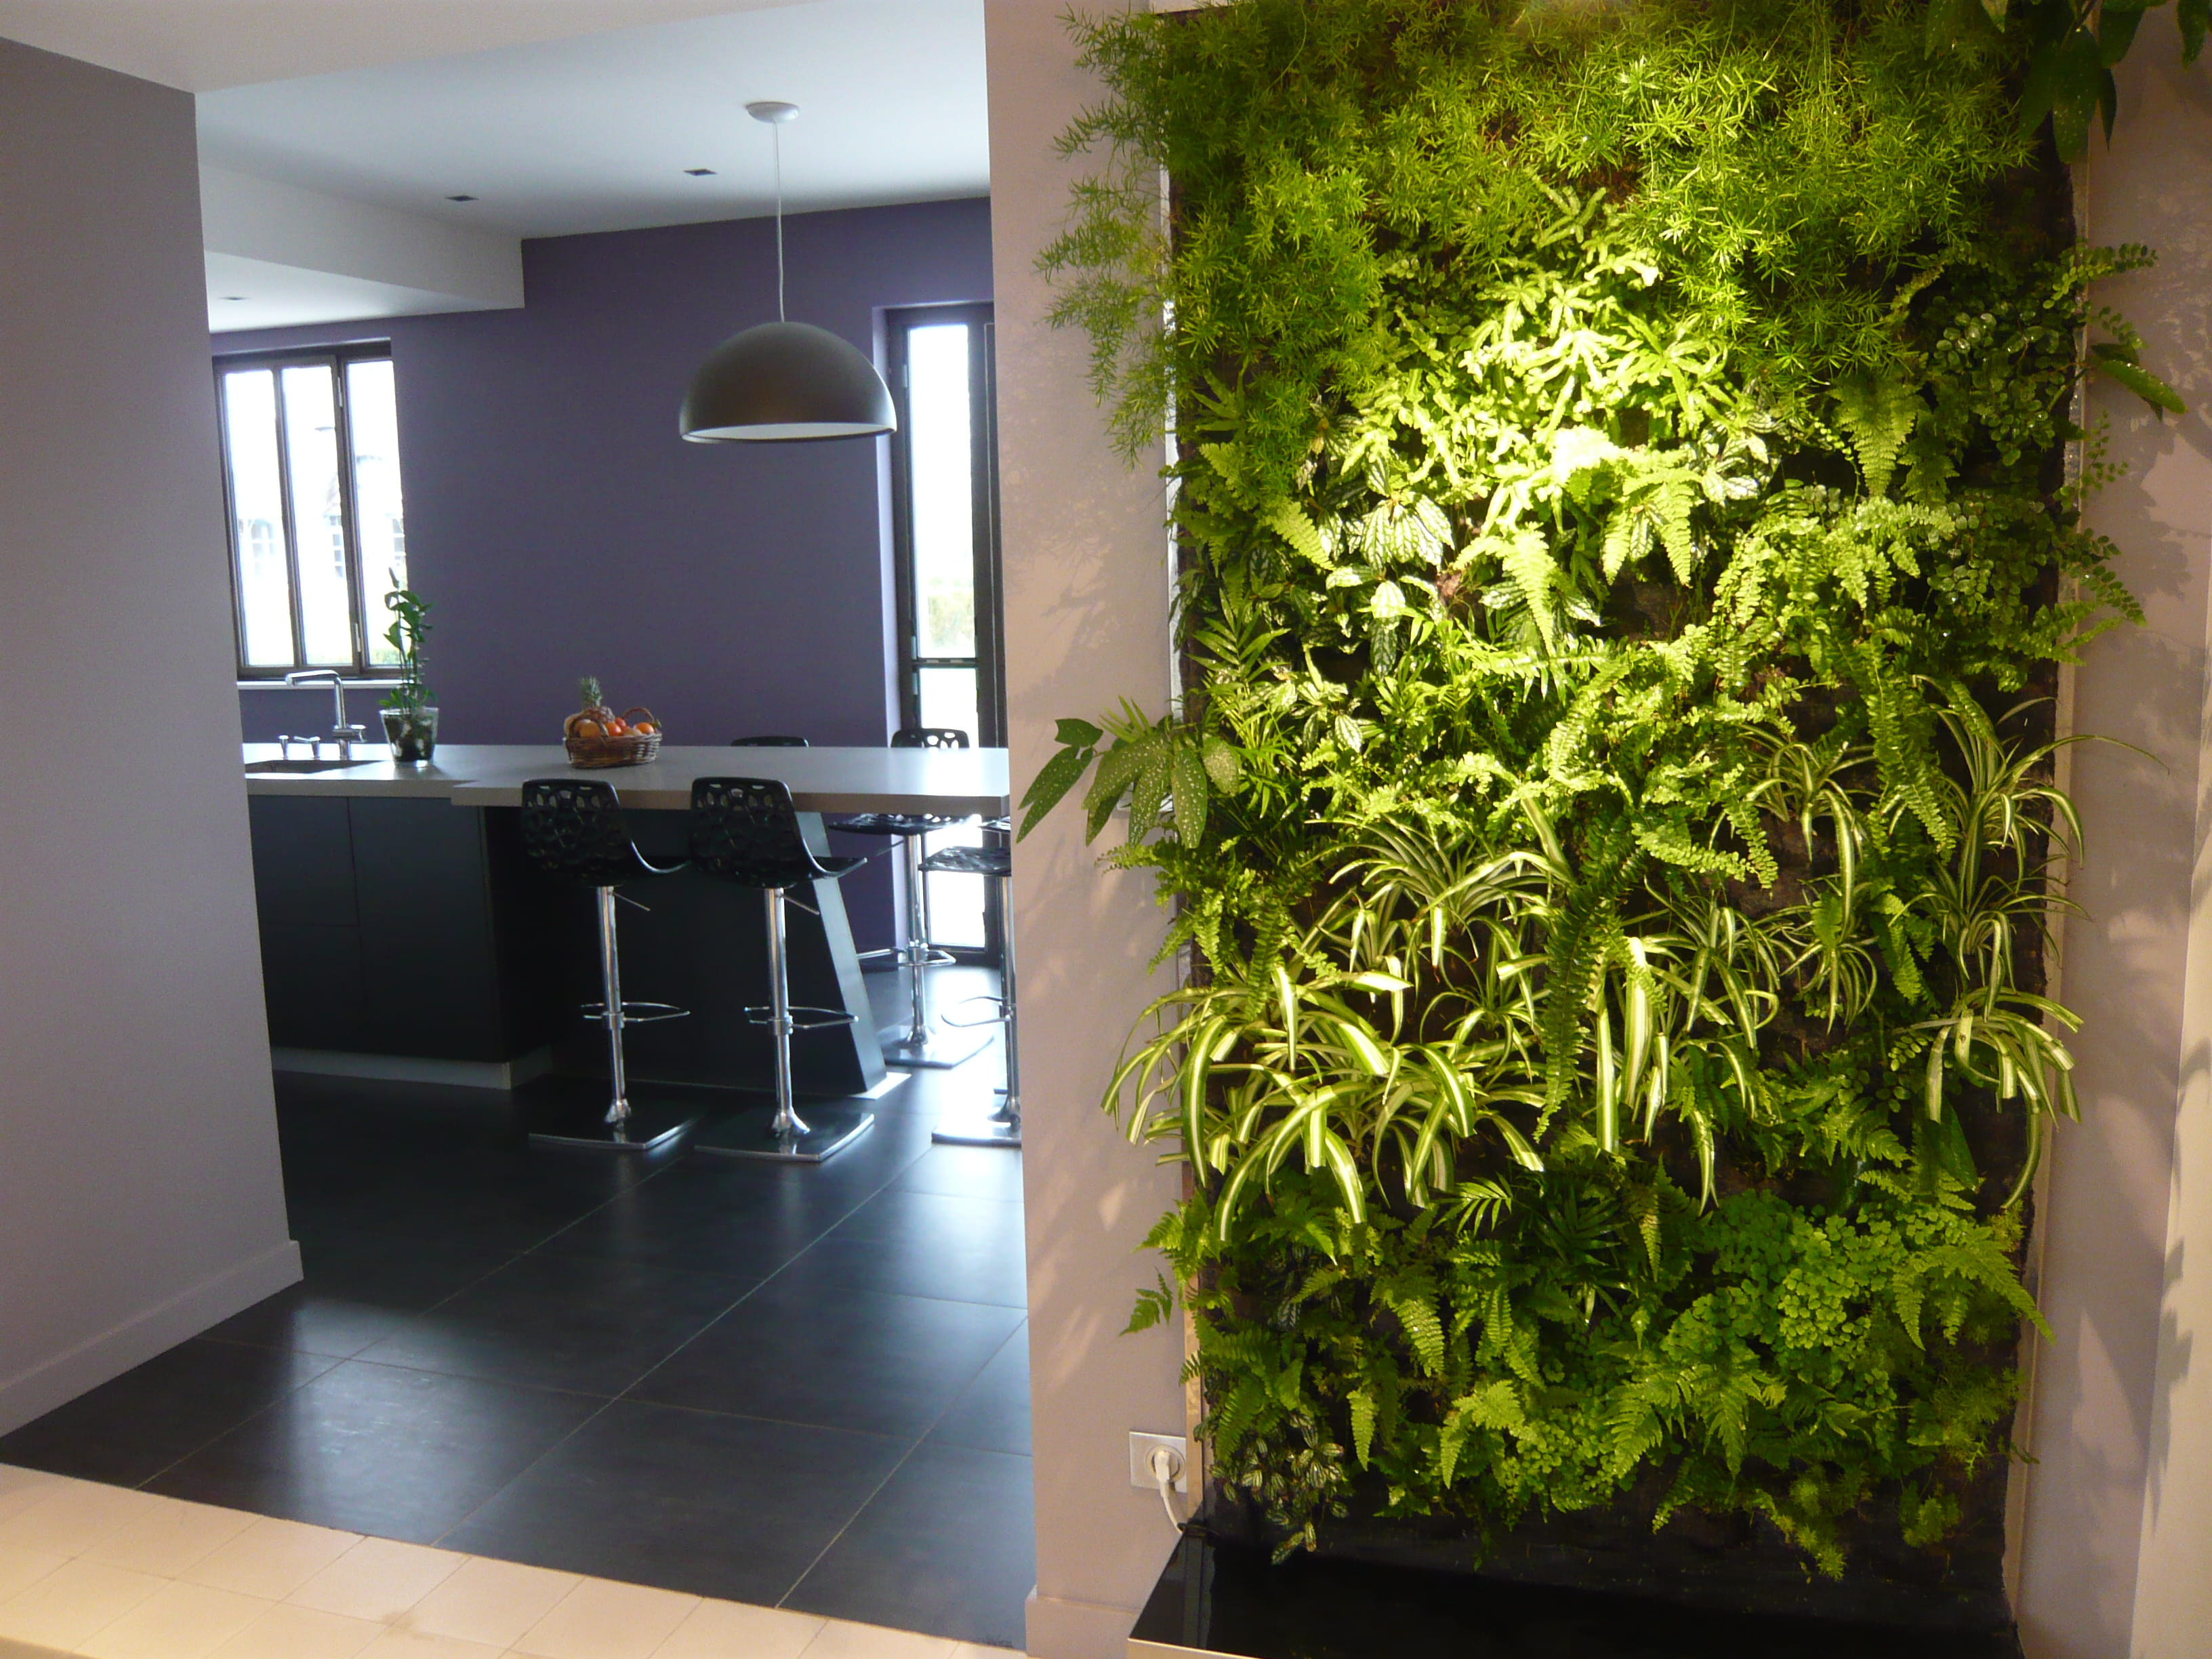 mur végétal en intérieur et en extérieur Peut-on installer un mur ...